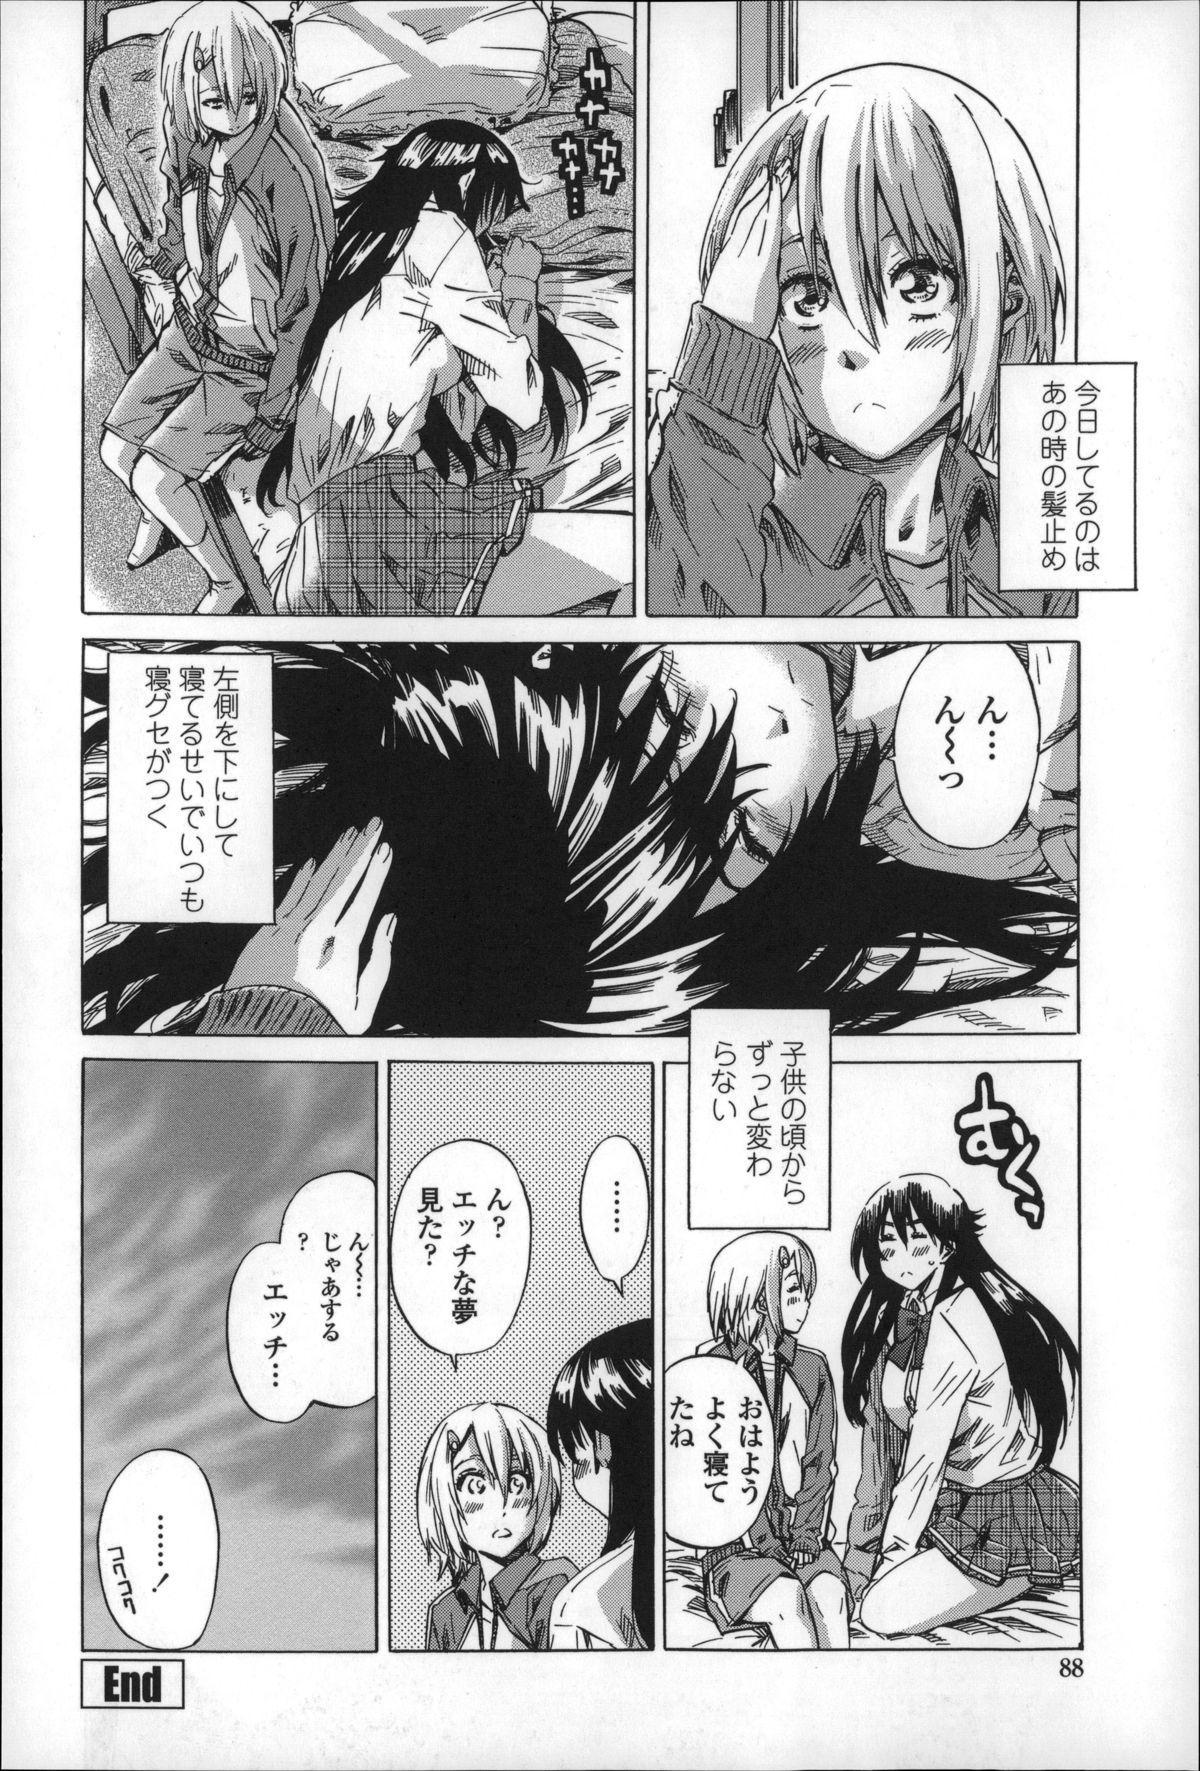 Choushin de Mukuchi no Kanojo ga Hatsujou Shite Kitara Eroiyo ne? 87